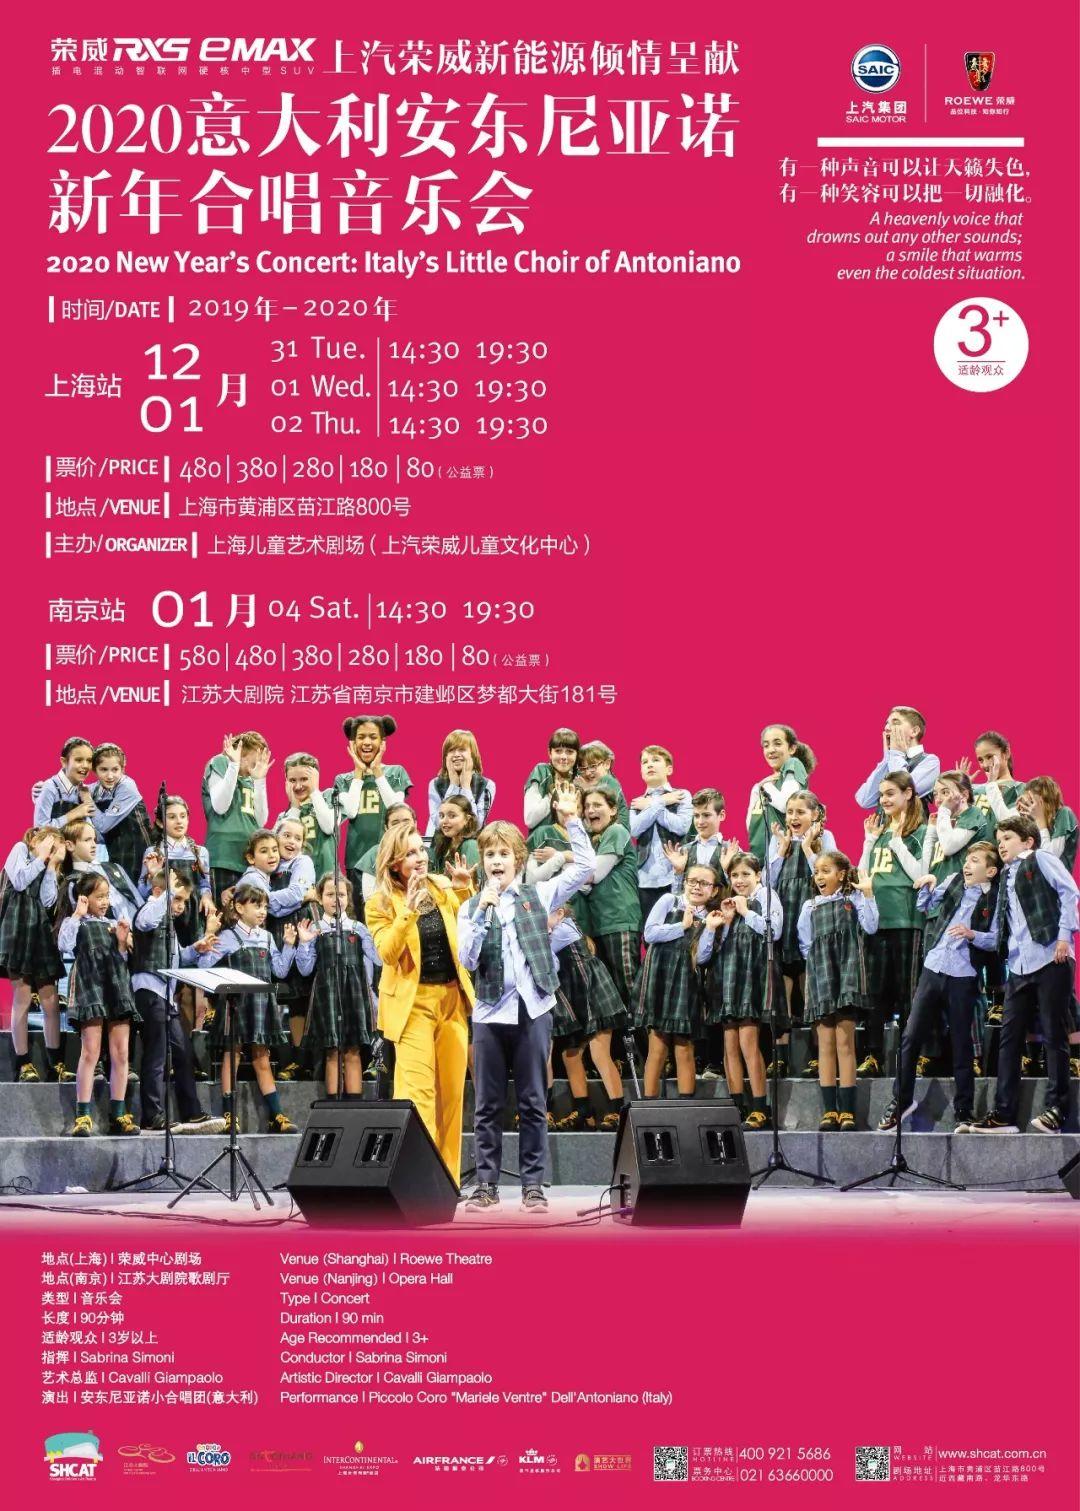 音乐之声!享誉世界的安东尼亚诺小合唱团,演绎最悦耳清脆的童声